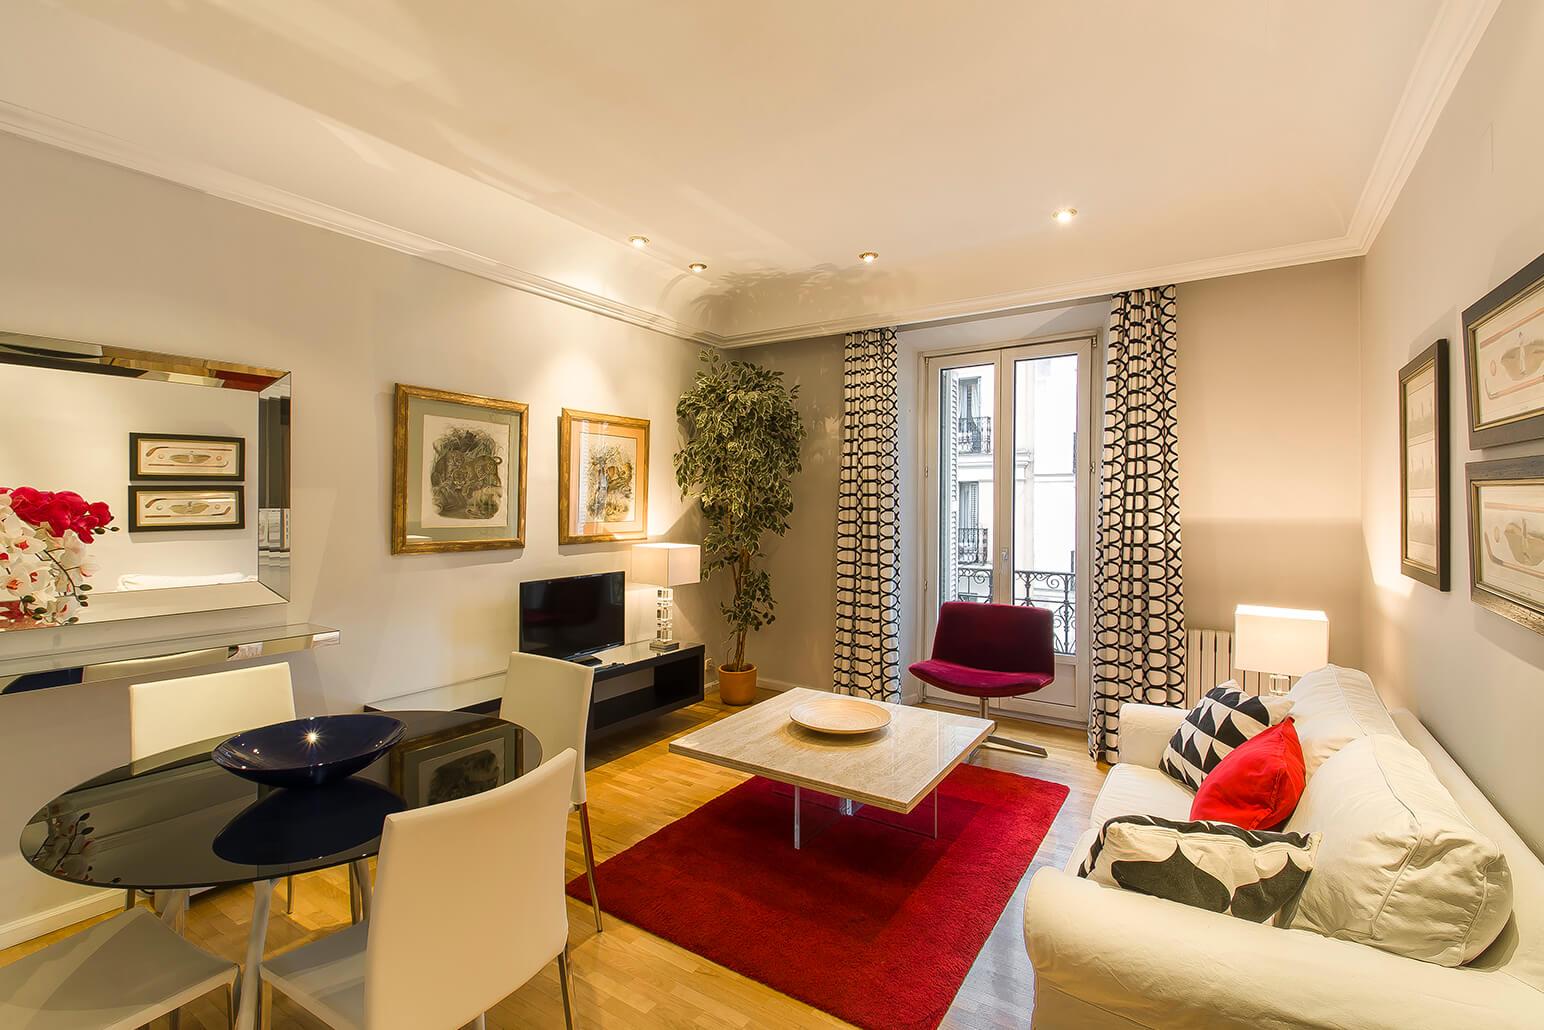 Dining area at Ayala Apartments, Salamanca, Madrid